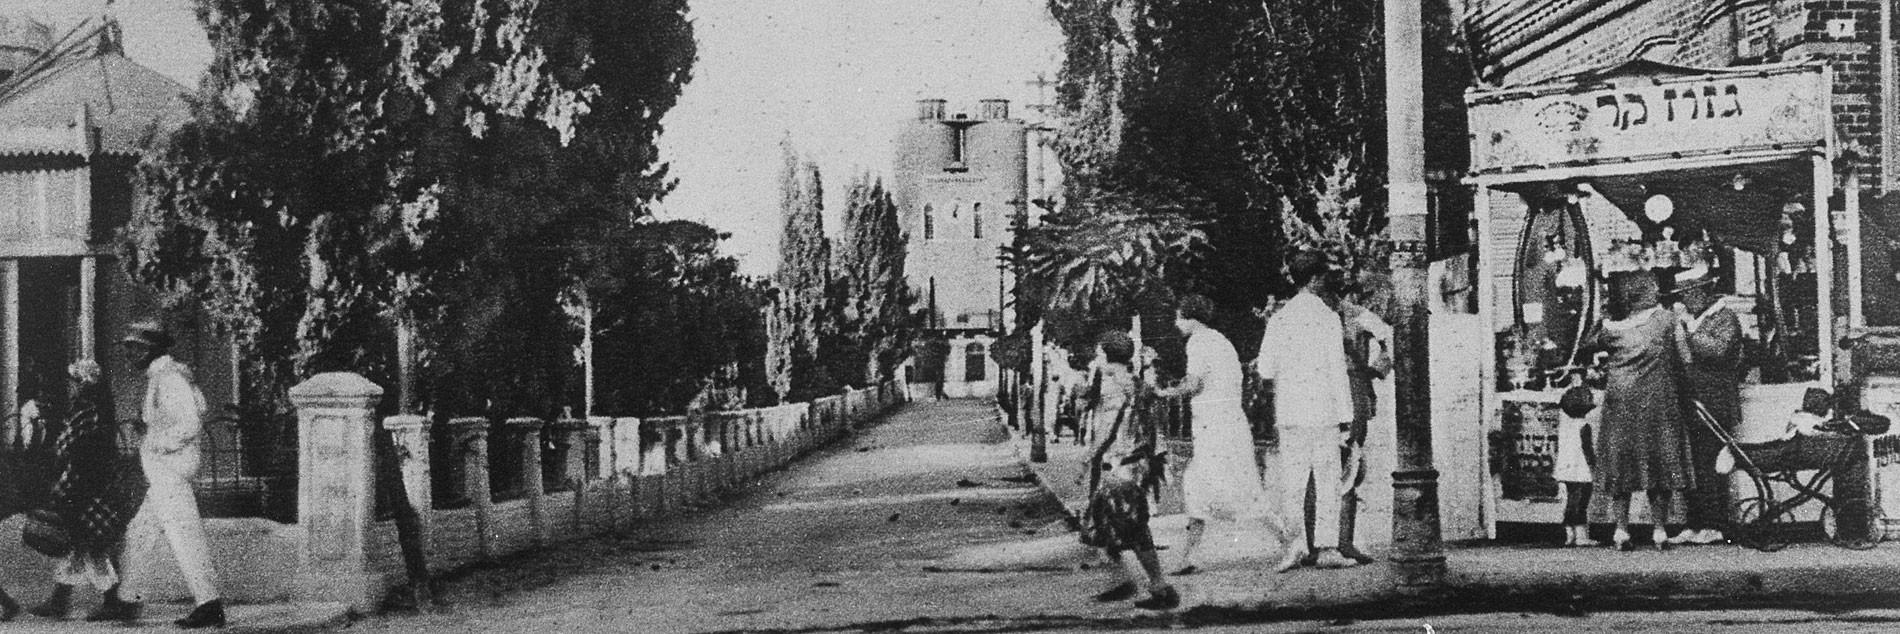 ימיה הראשונים של תל-אביב בשחור לבן